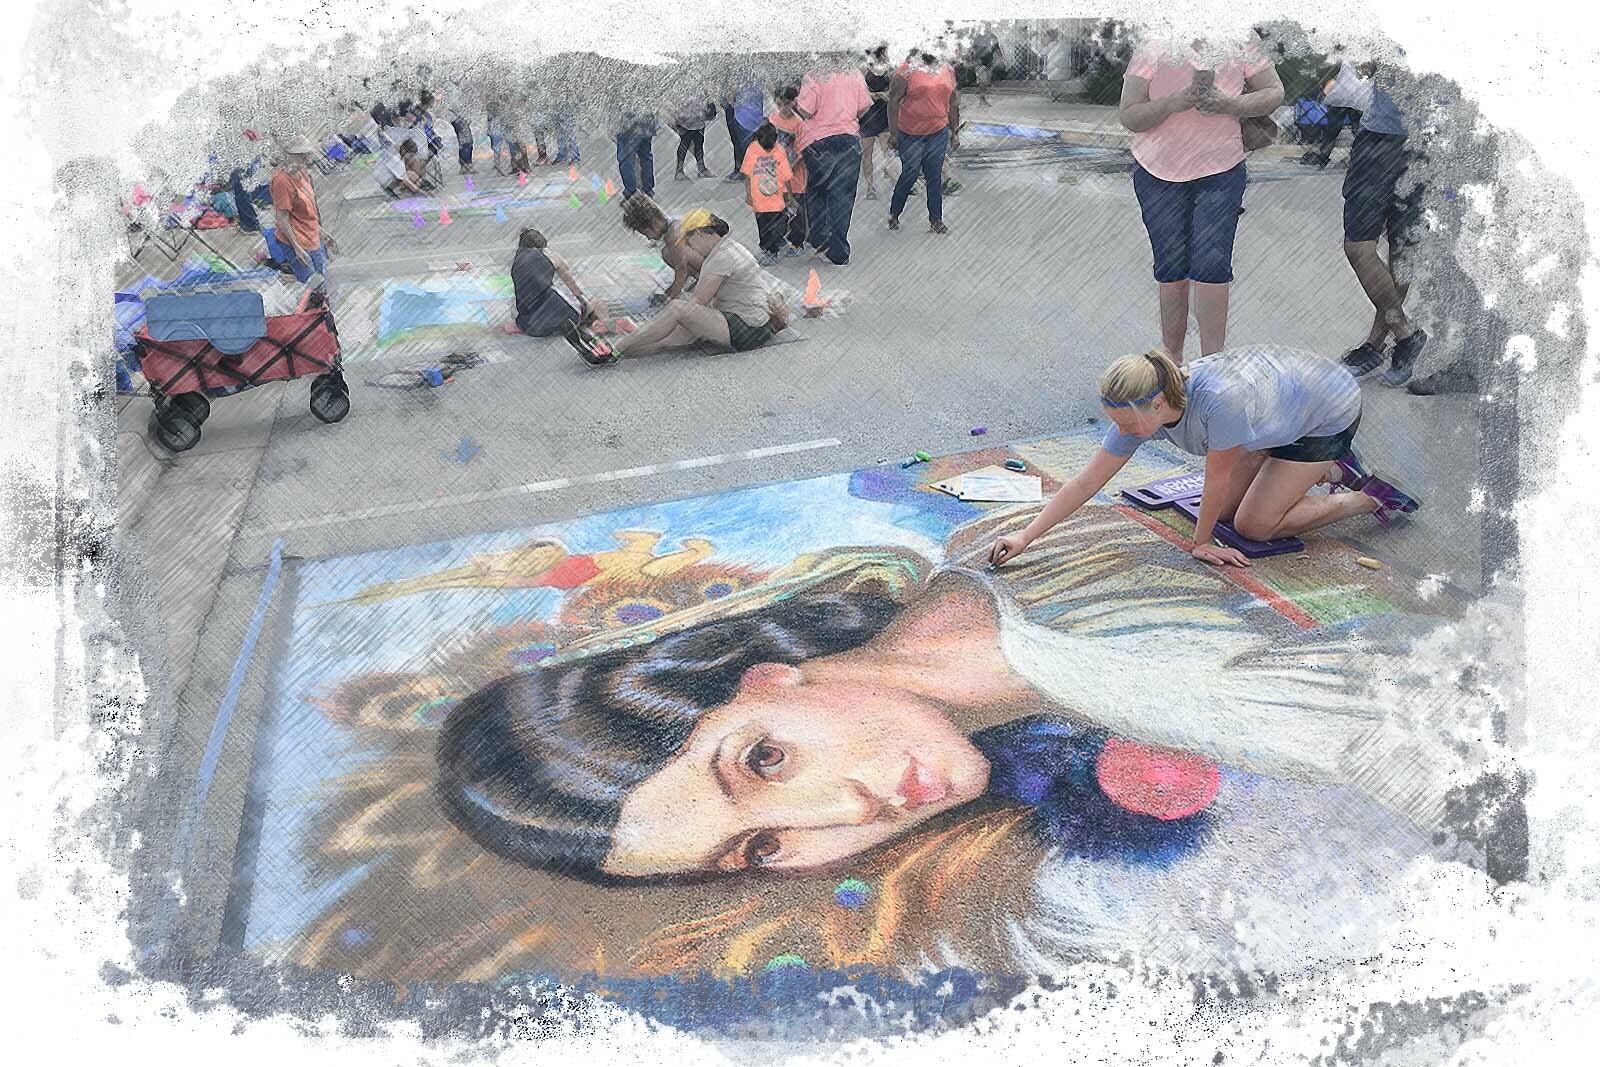 woman with sidewalk art